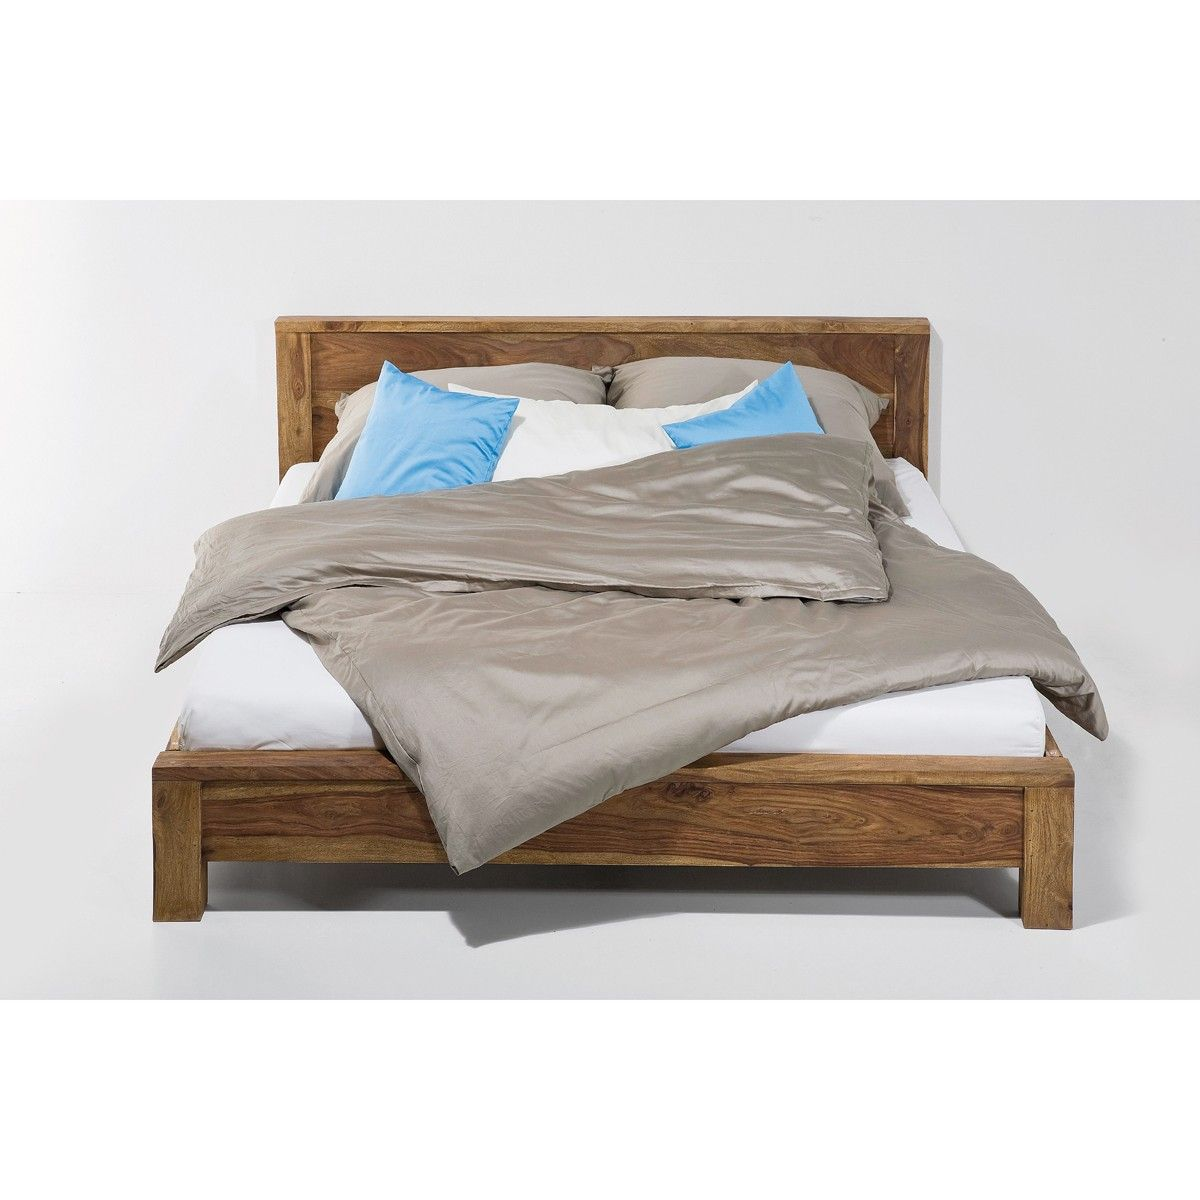 Hübsches Bett | Bed & Wood | Pinterest | Bett, Hübsch und Wohnbereich